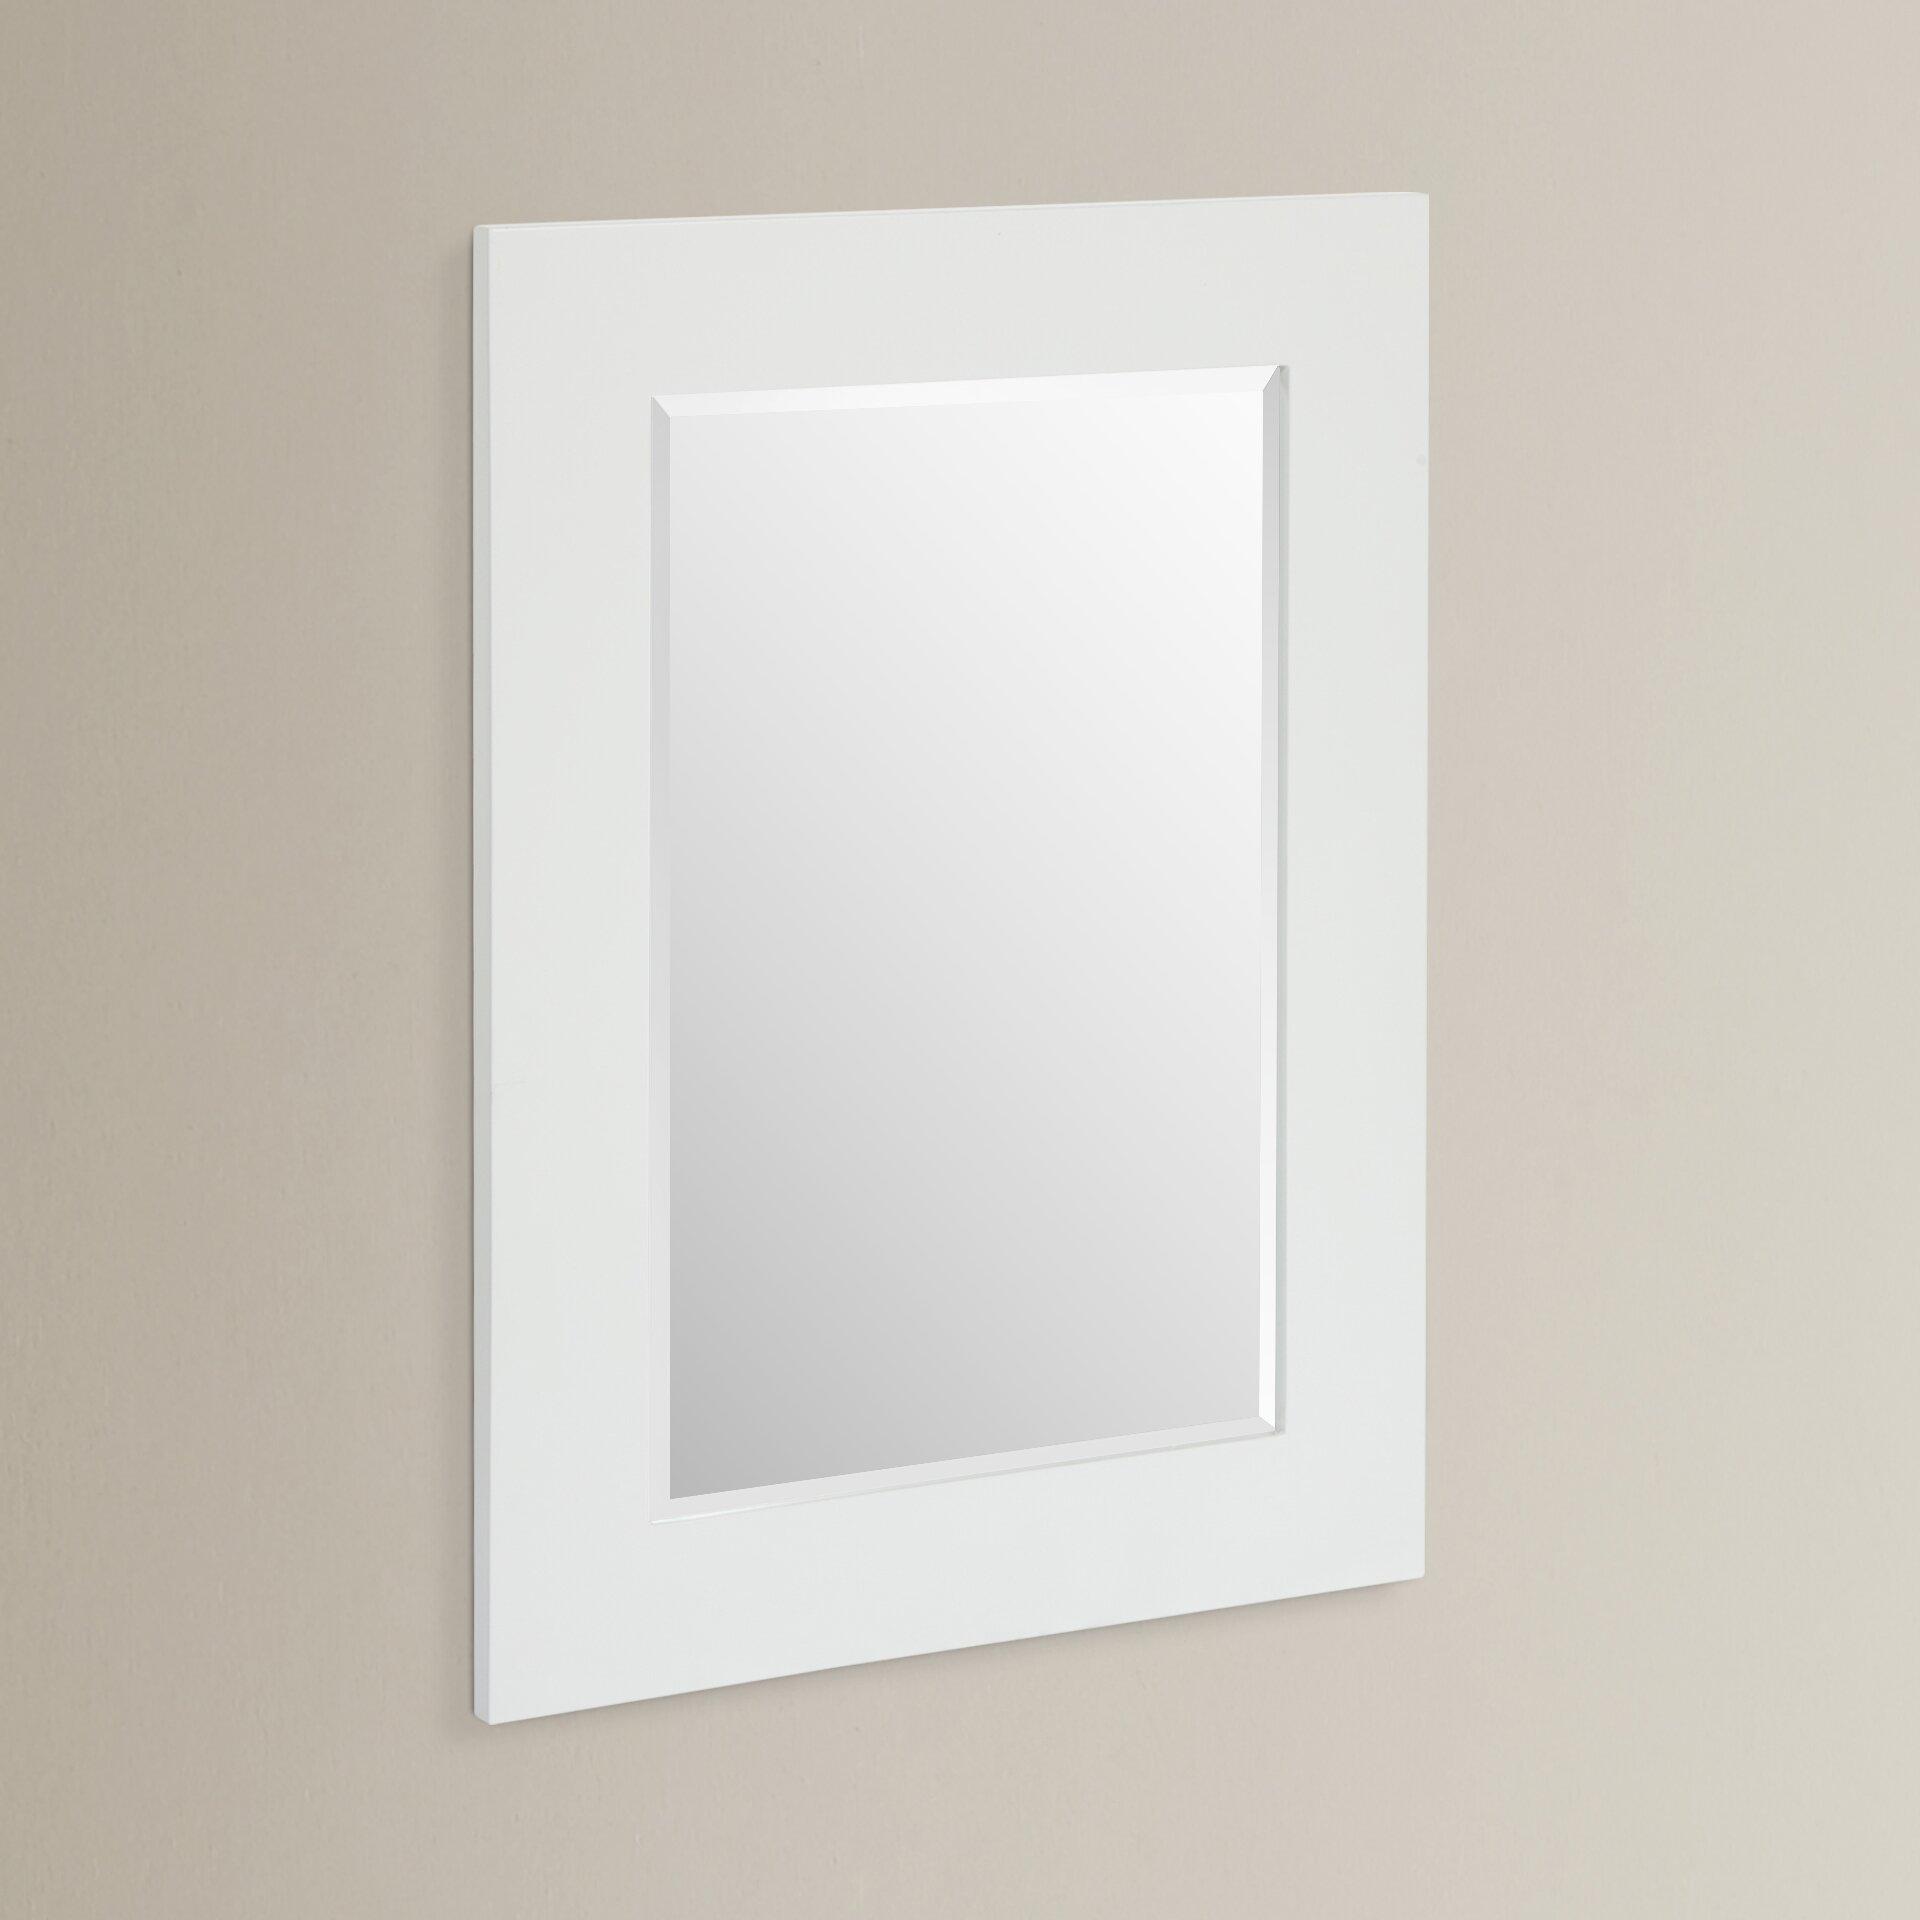 Elegant Home Fashions Chatham Wall Mirror. Elegant Home Fashions Chatham Wall Mirror   Reviews   Wayfair